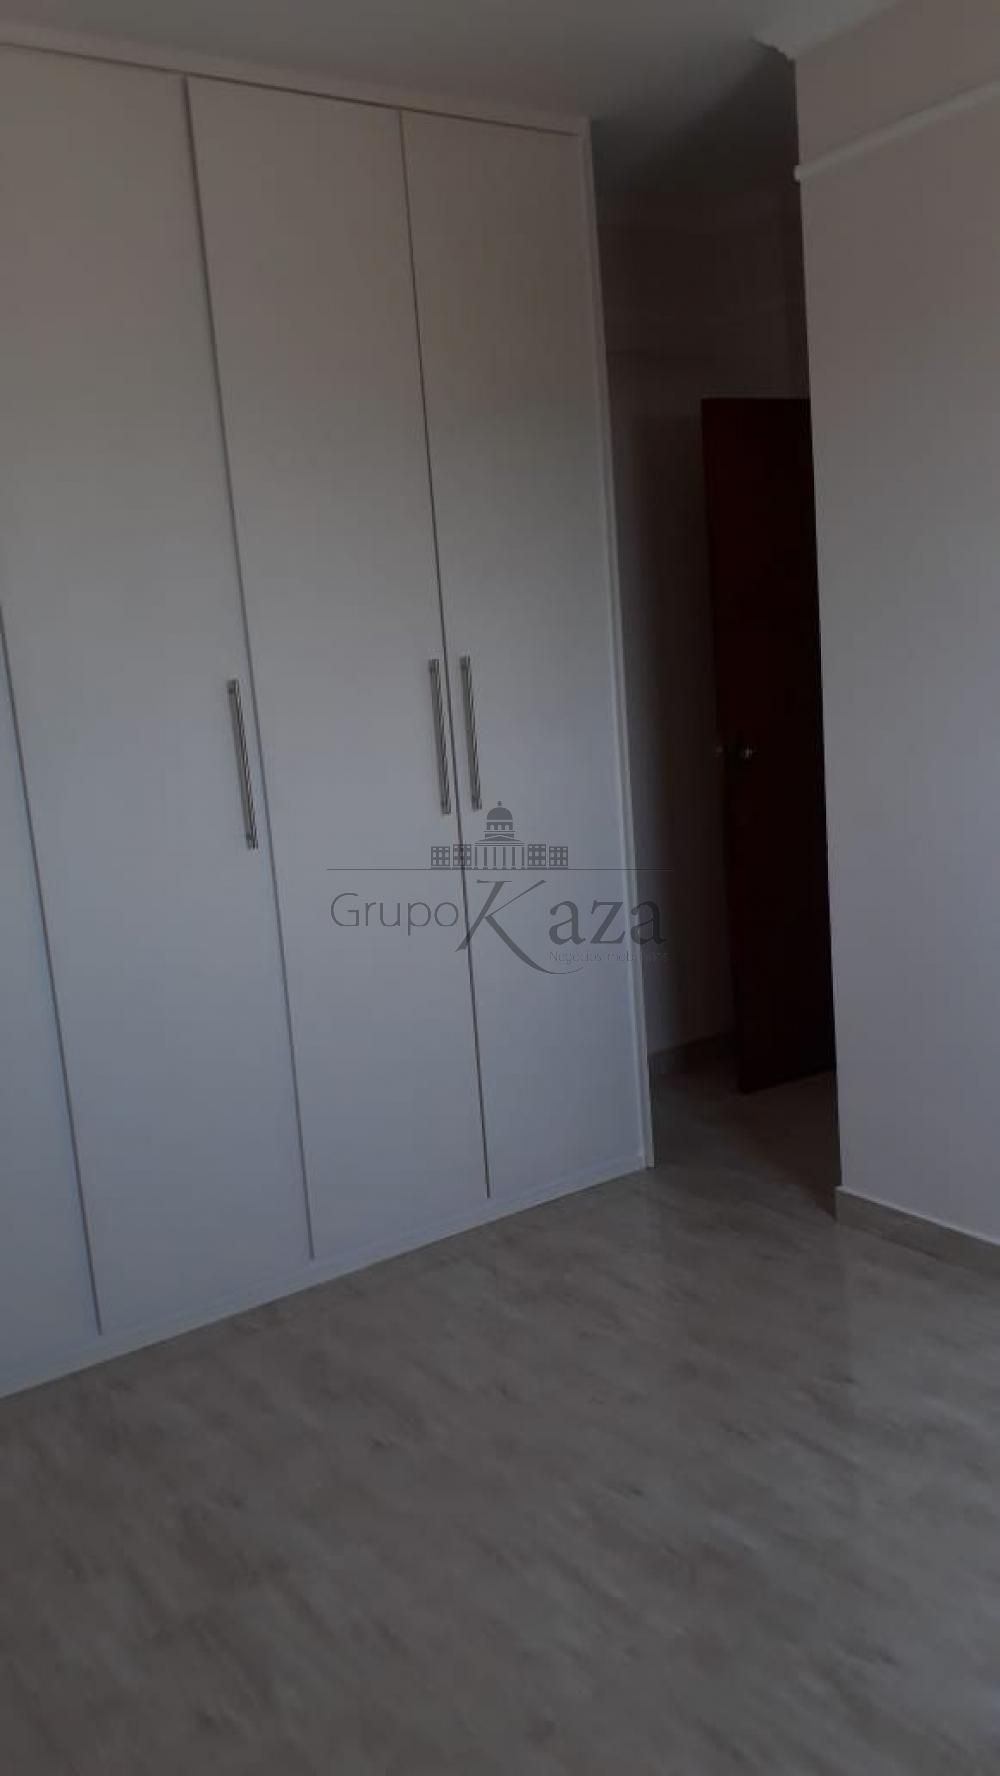 alt='Comprar Apartamento / Padrão em São José dos Campos R$ 373.000,00 - Foto 11' title='Comprar Apartamento / Padrão em São José dos Campos R$ 373.000,00 - Foto 11'